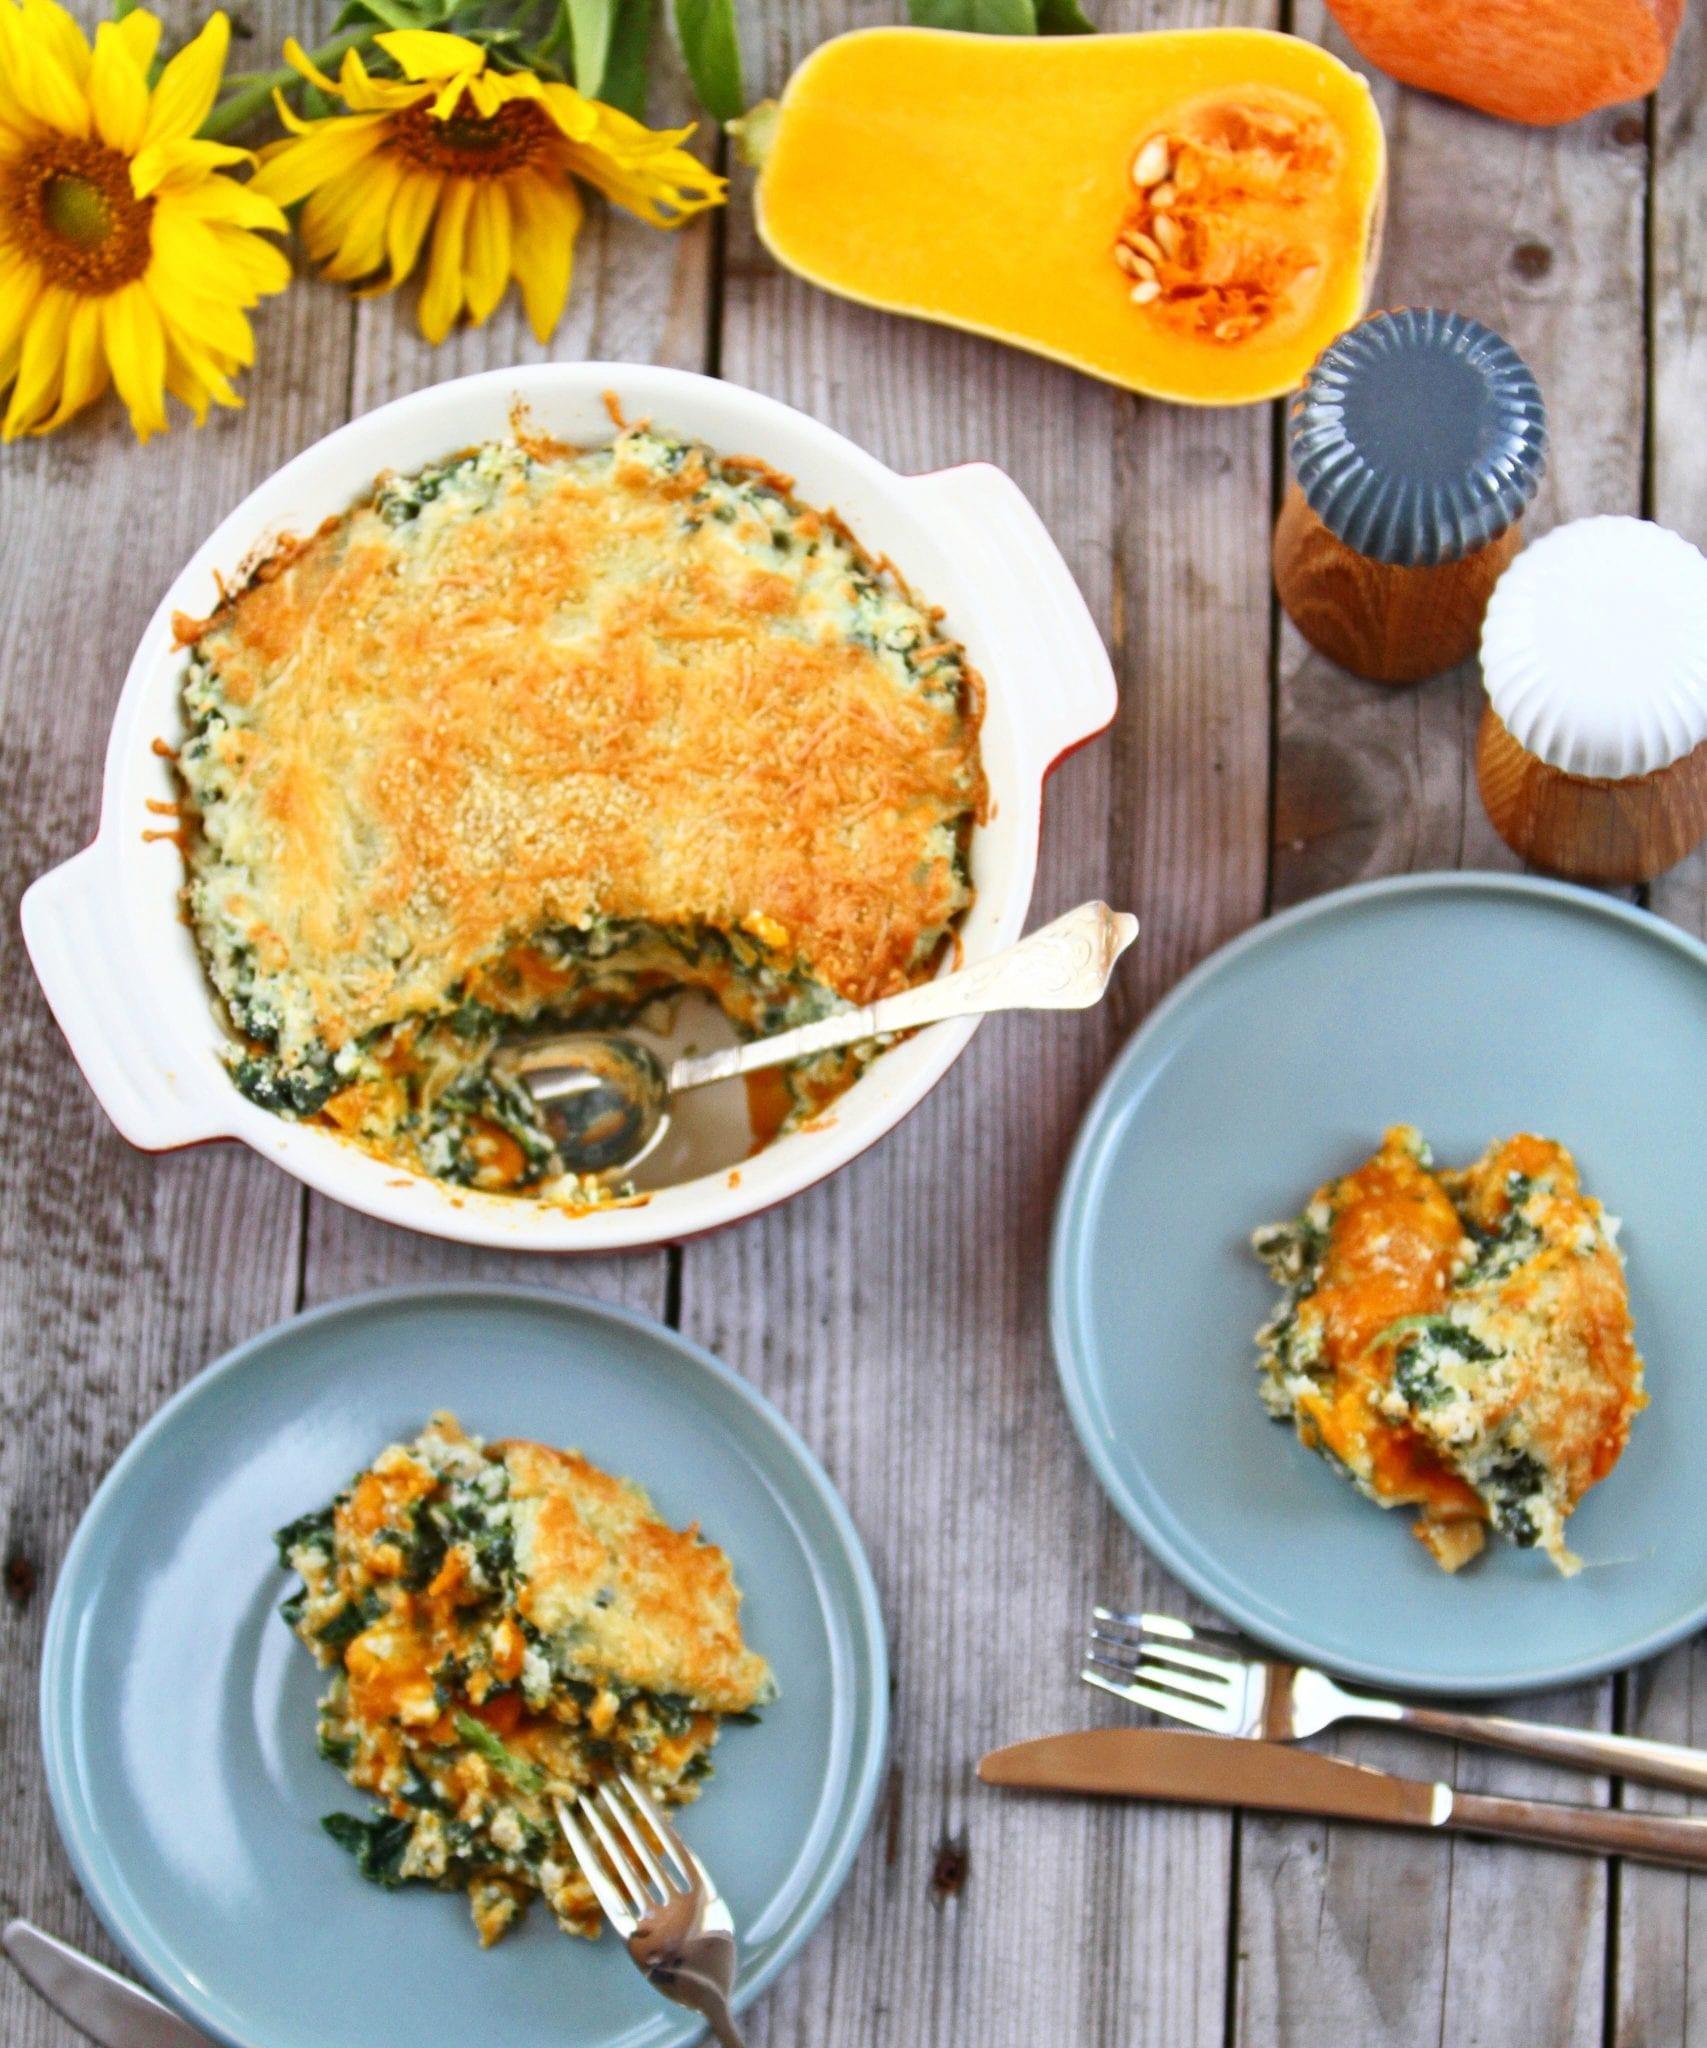 efterårslasagne Lasagne med græskar - den næstbedste lasagne der findes.